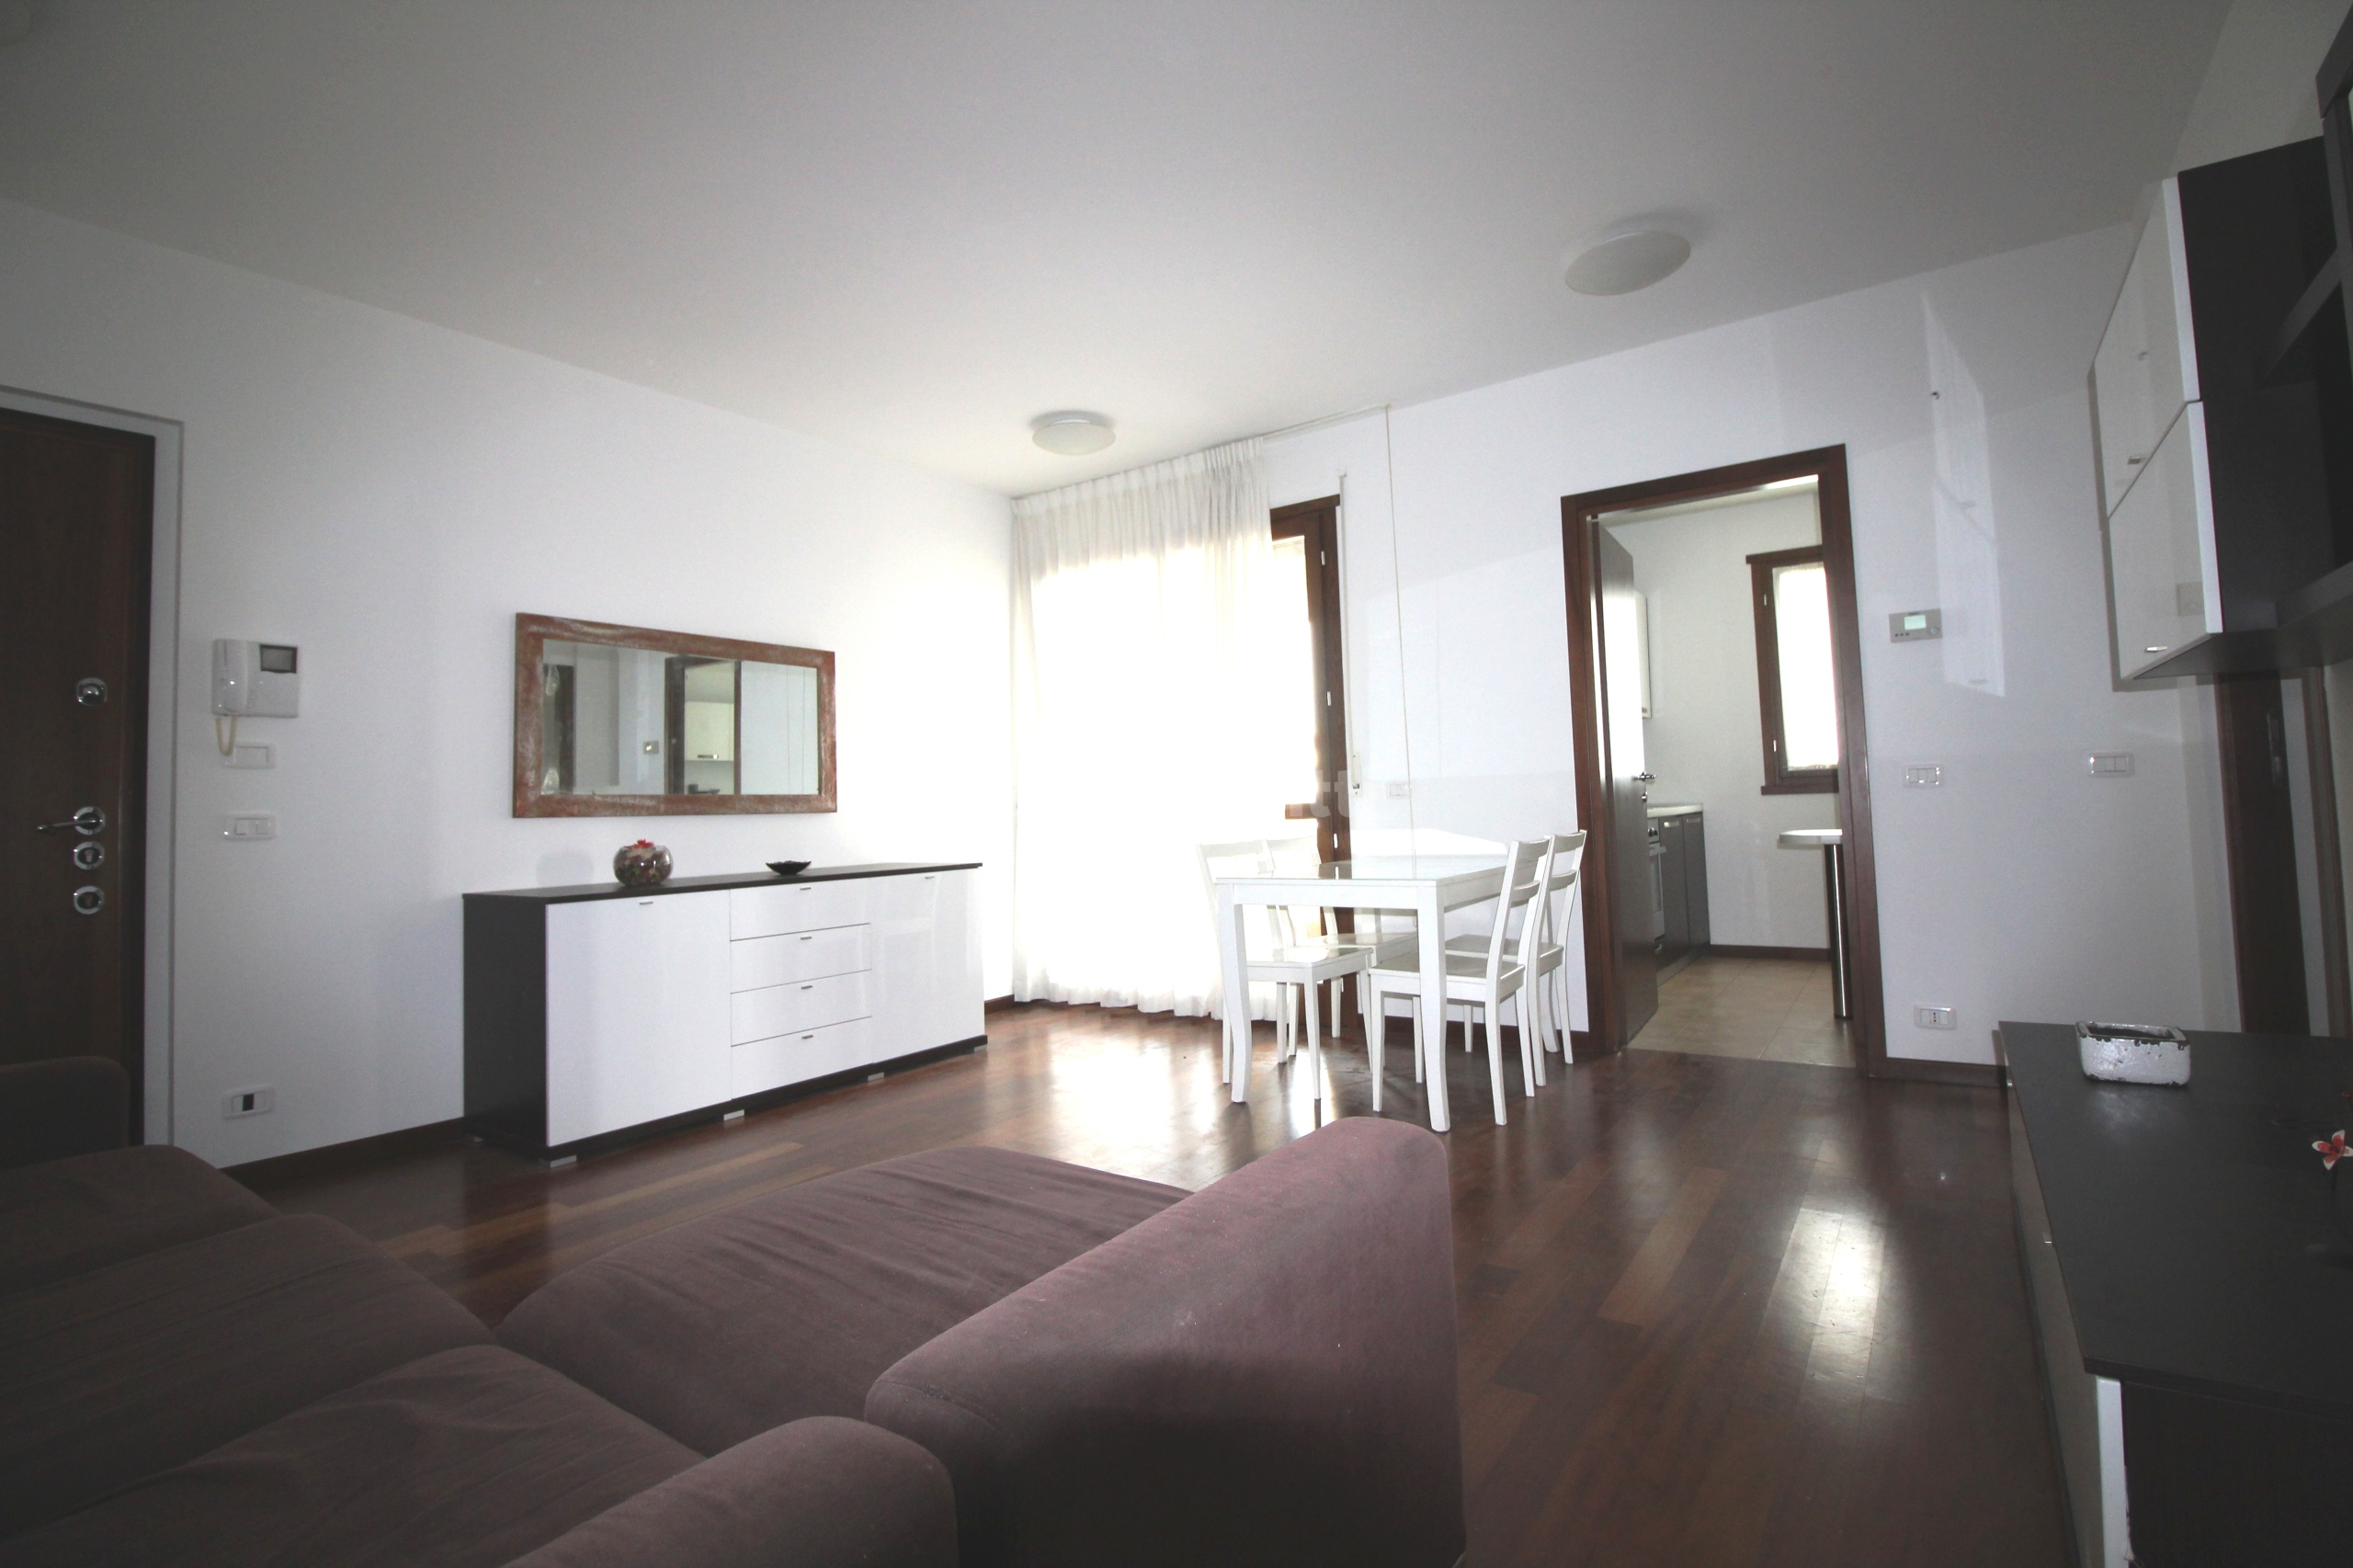 Affitto appartamento trilocale arredato 95 mq for Appartamento arredato